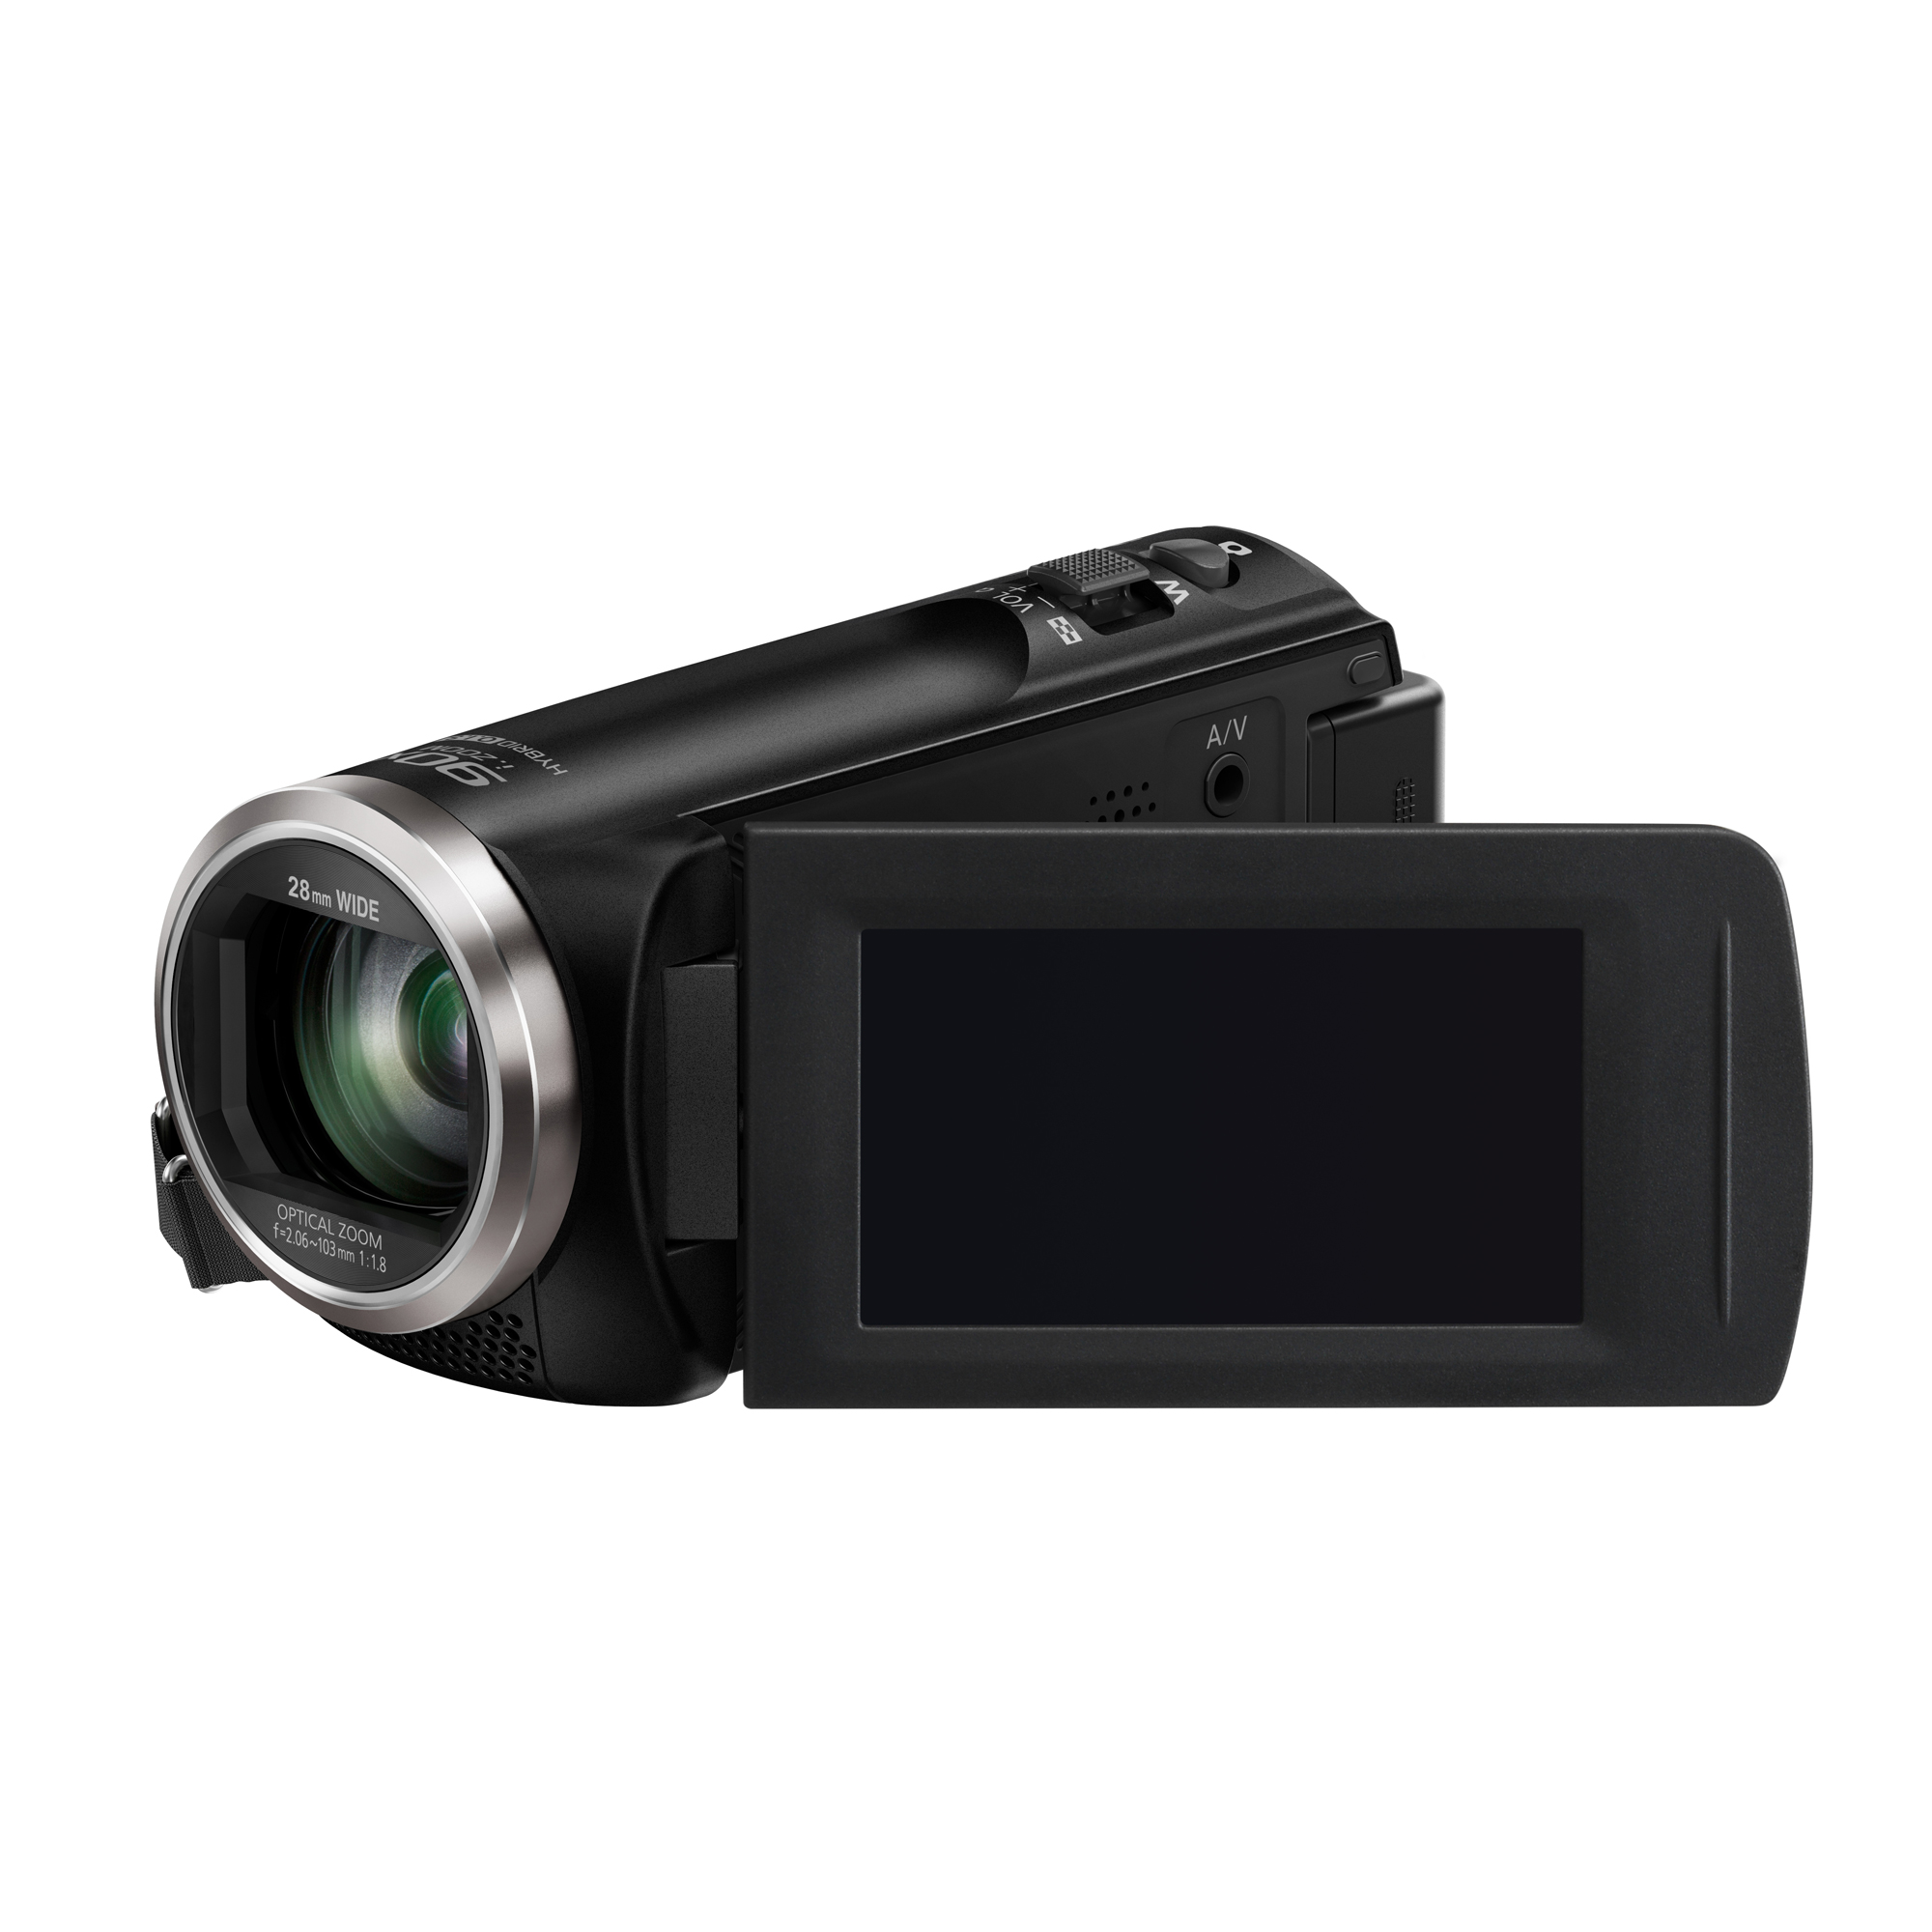 HC-V180K Full HD Camcorder Black